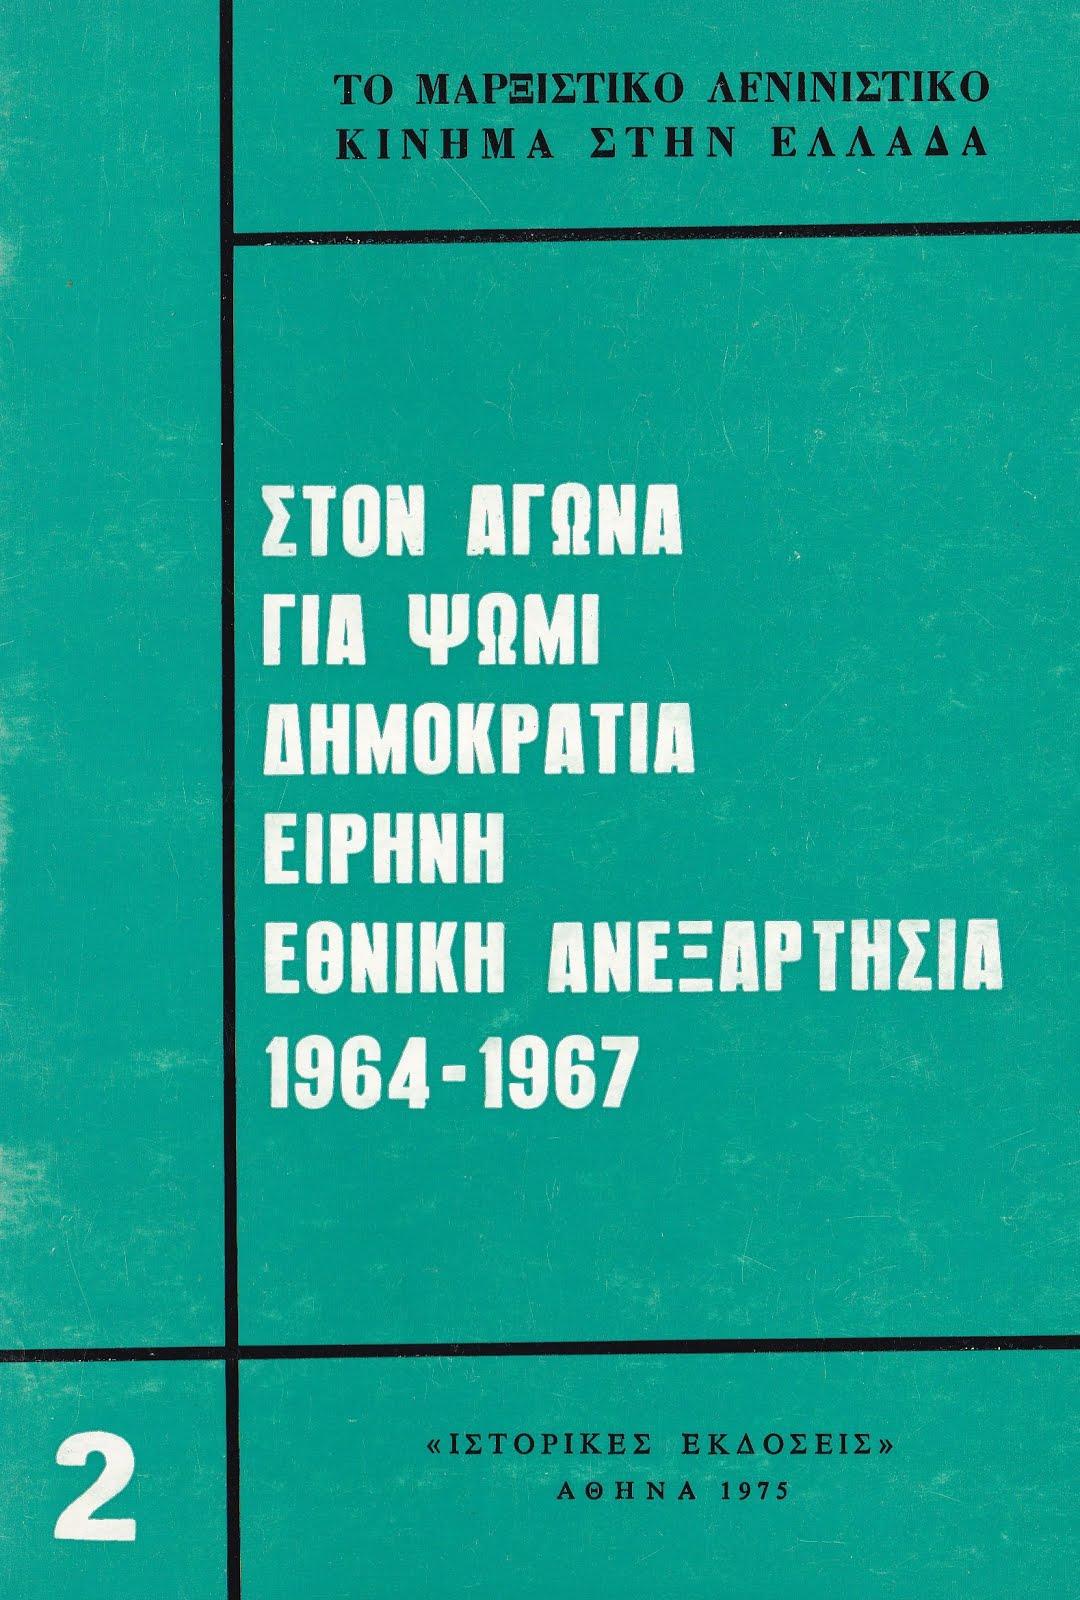 ΣΤΟΝ ΑΓΩΝΑ ΓΙΑ ΨΩΜΙ, ΔΗΜΟΚΡΑΤΙΑ, ΕΙΡΗΝΗ, ΕΘΝΙΚΗ ΑΝΕΞΑΡΤΗΣΙΑ 1964-1967 (2)